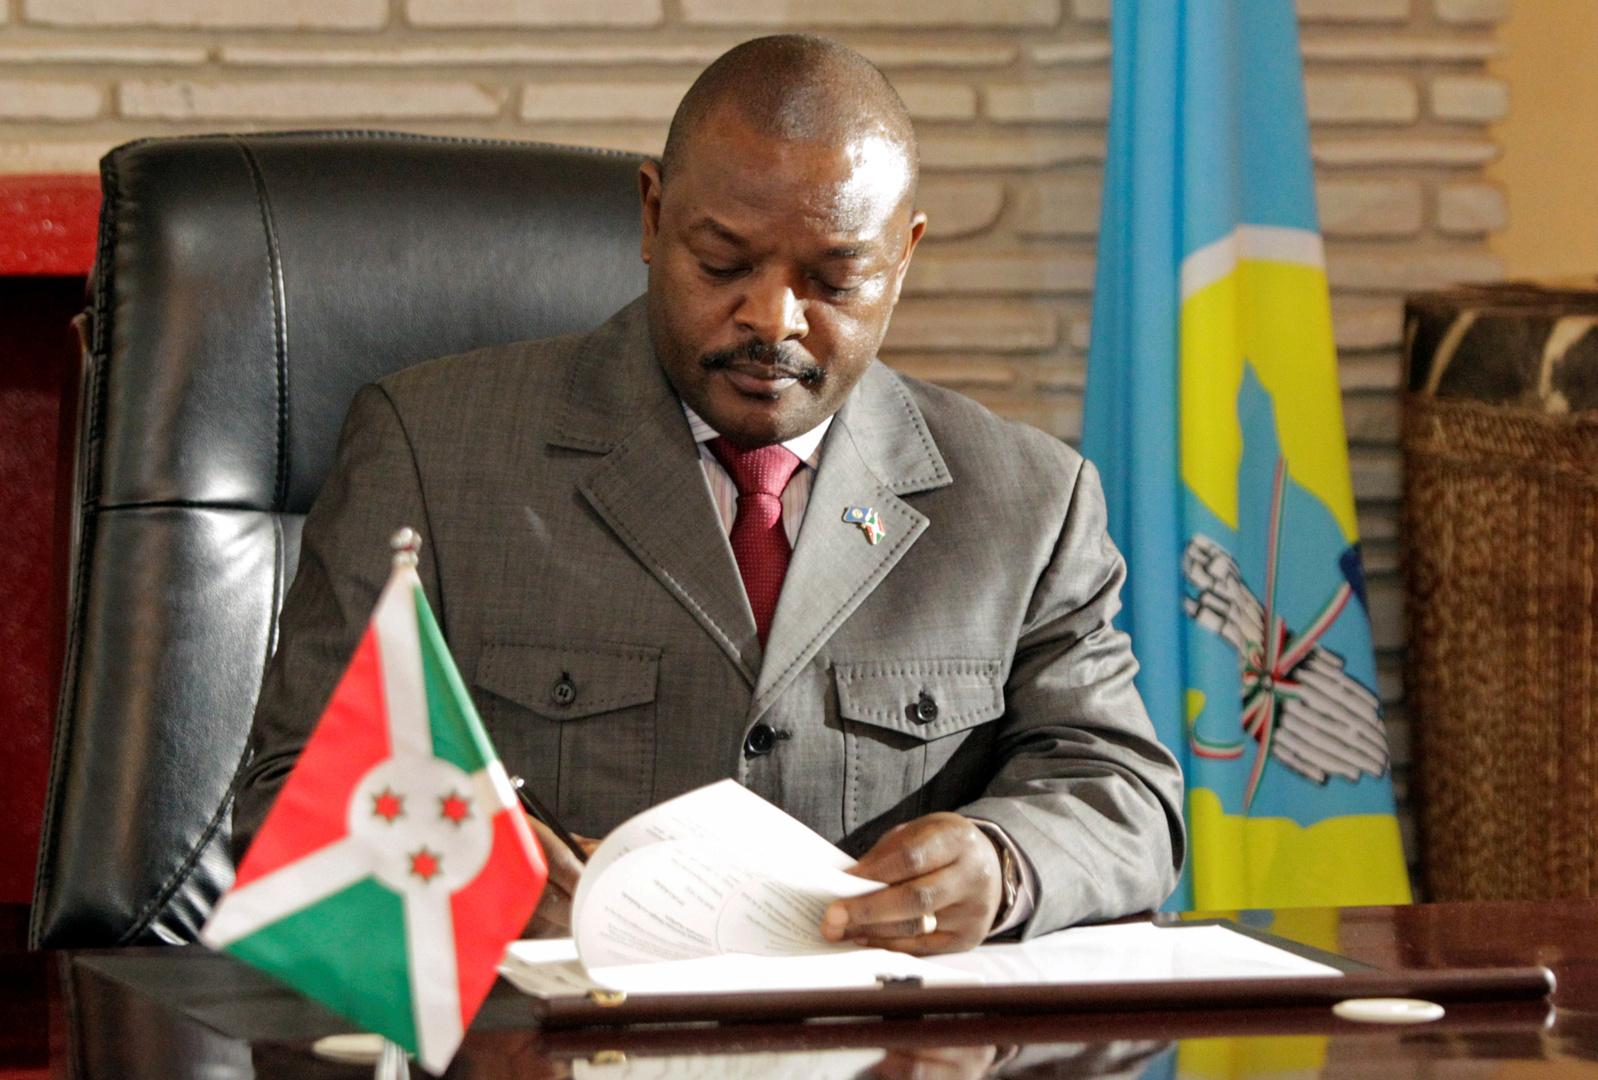 وفاة رئيس بوروندي بنوبة قلبية